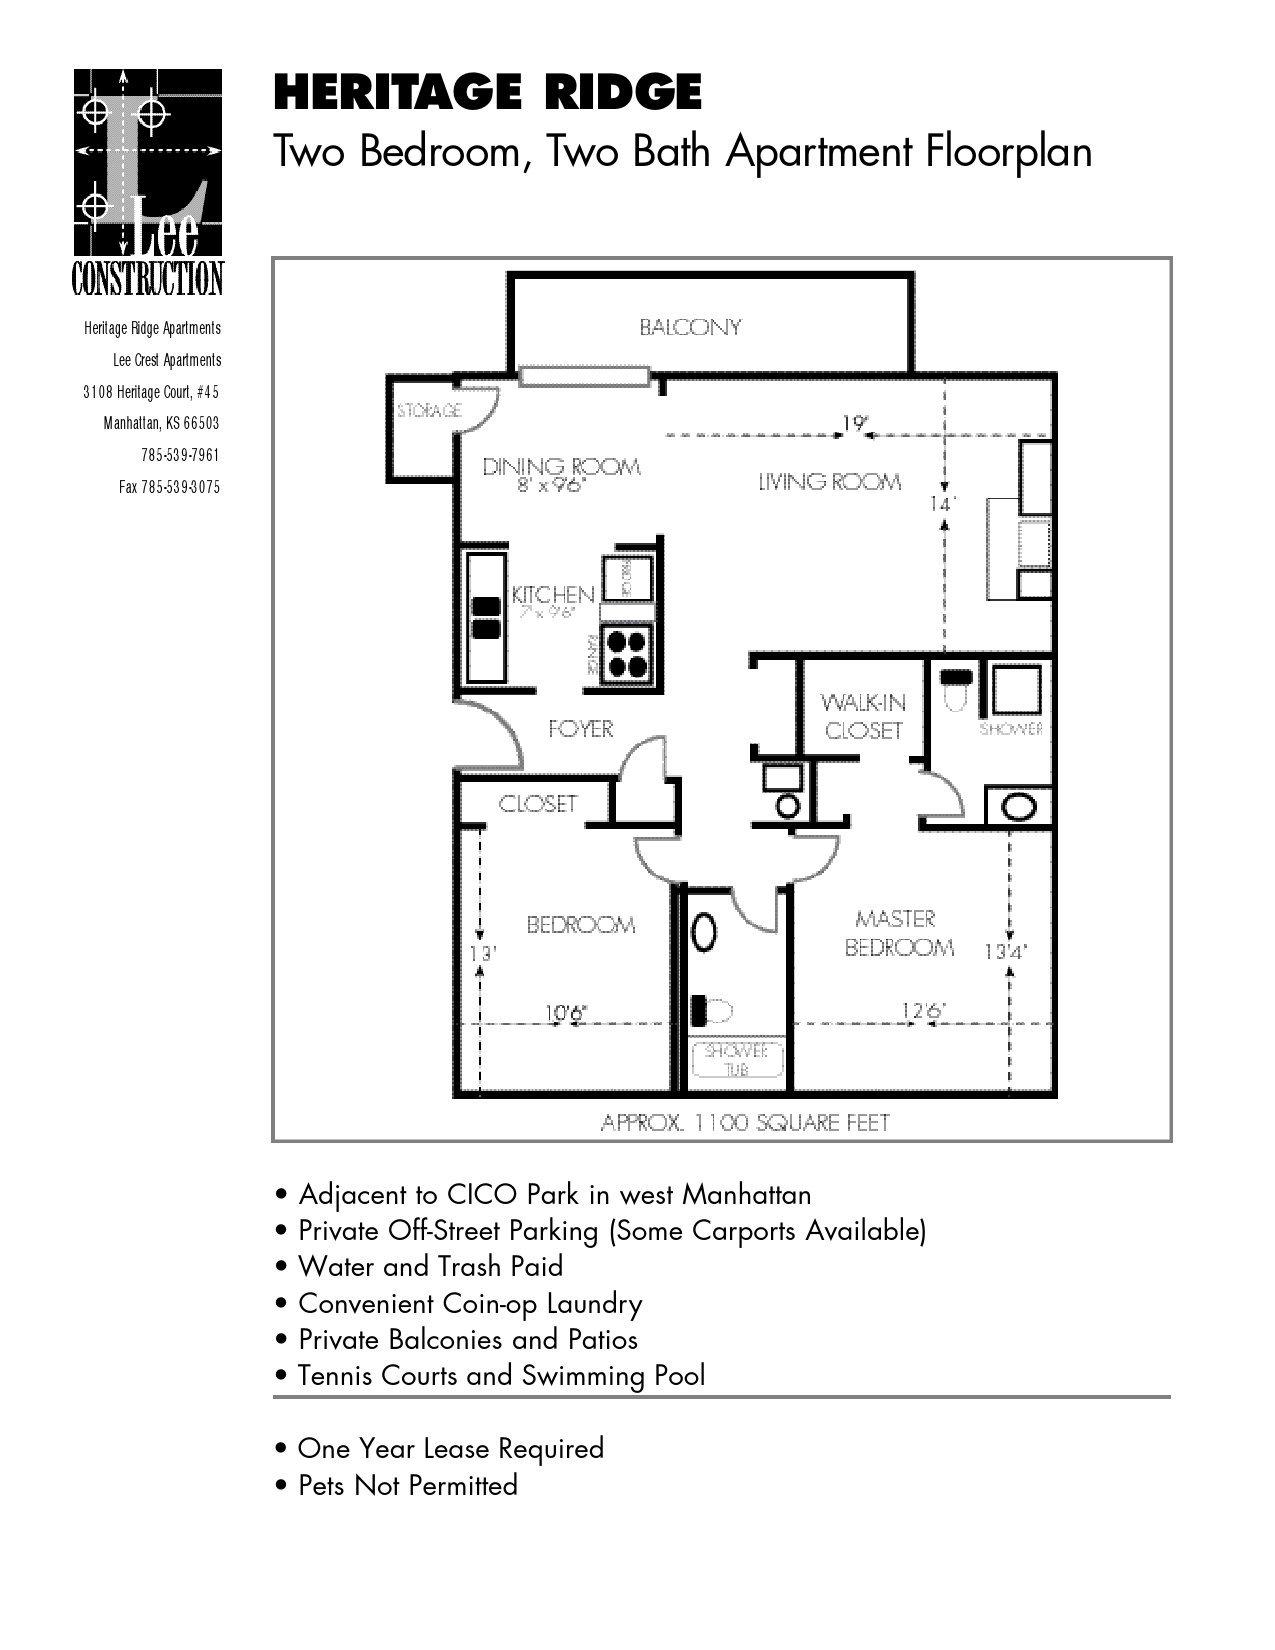 Heritage Ridge Apartments